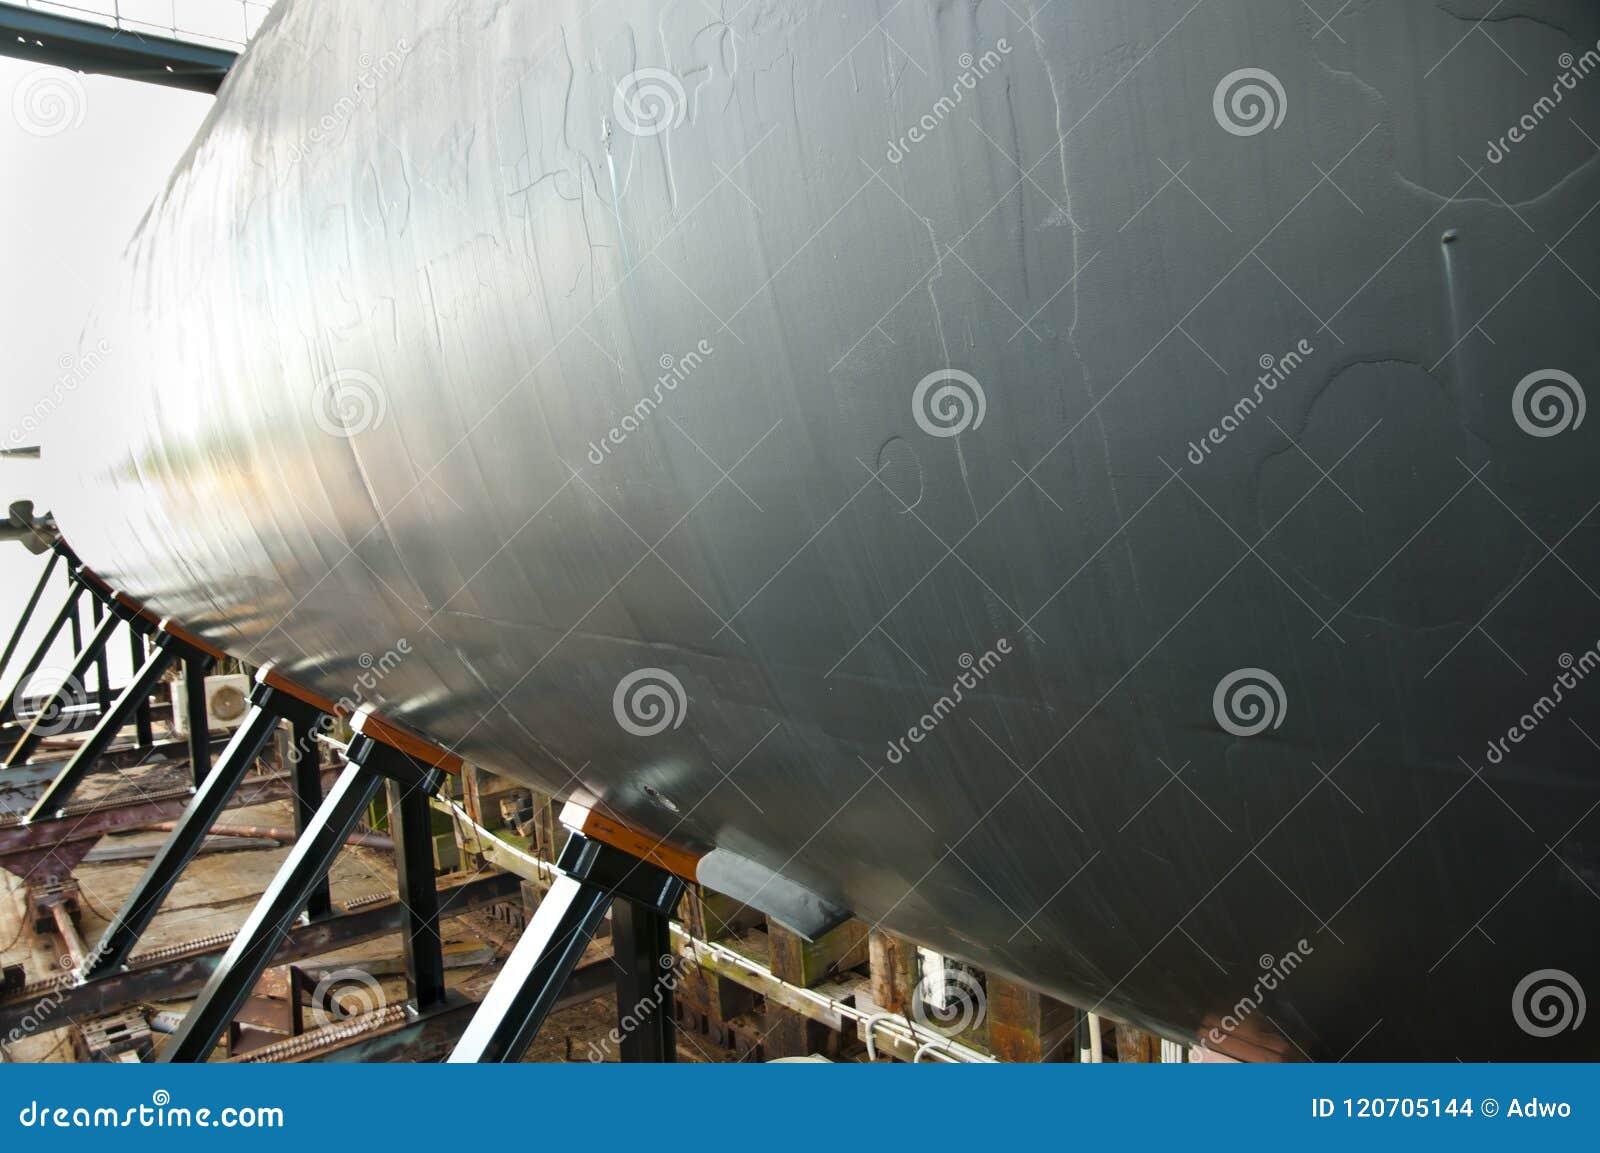 Submarine in Shipyard